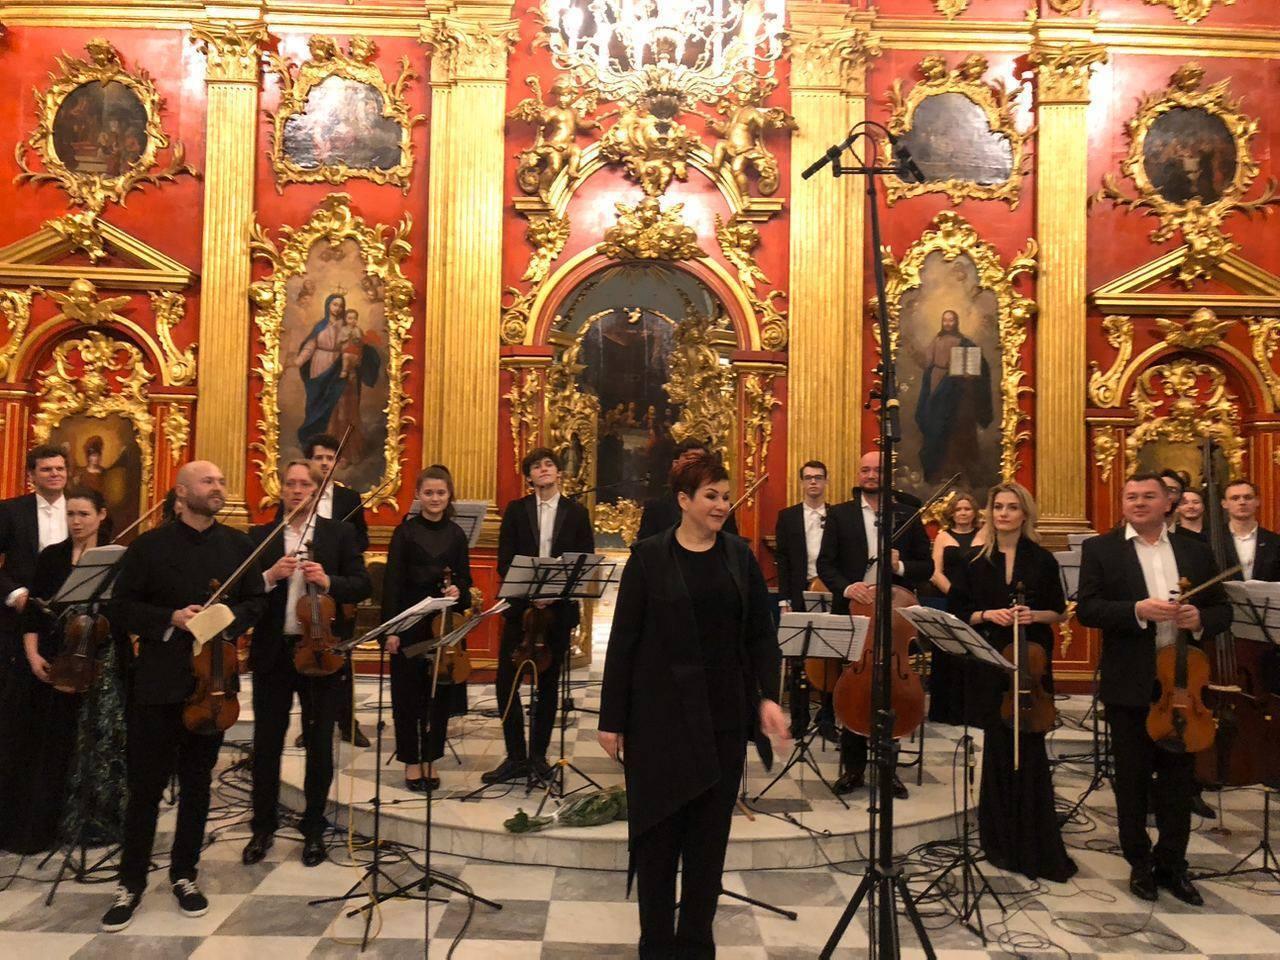 На открытии церкви присутствовал симфонический оркестр